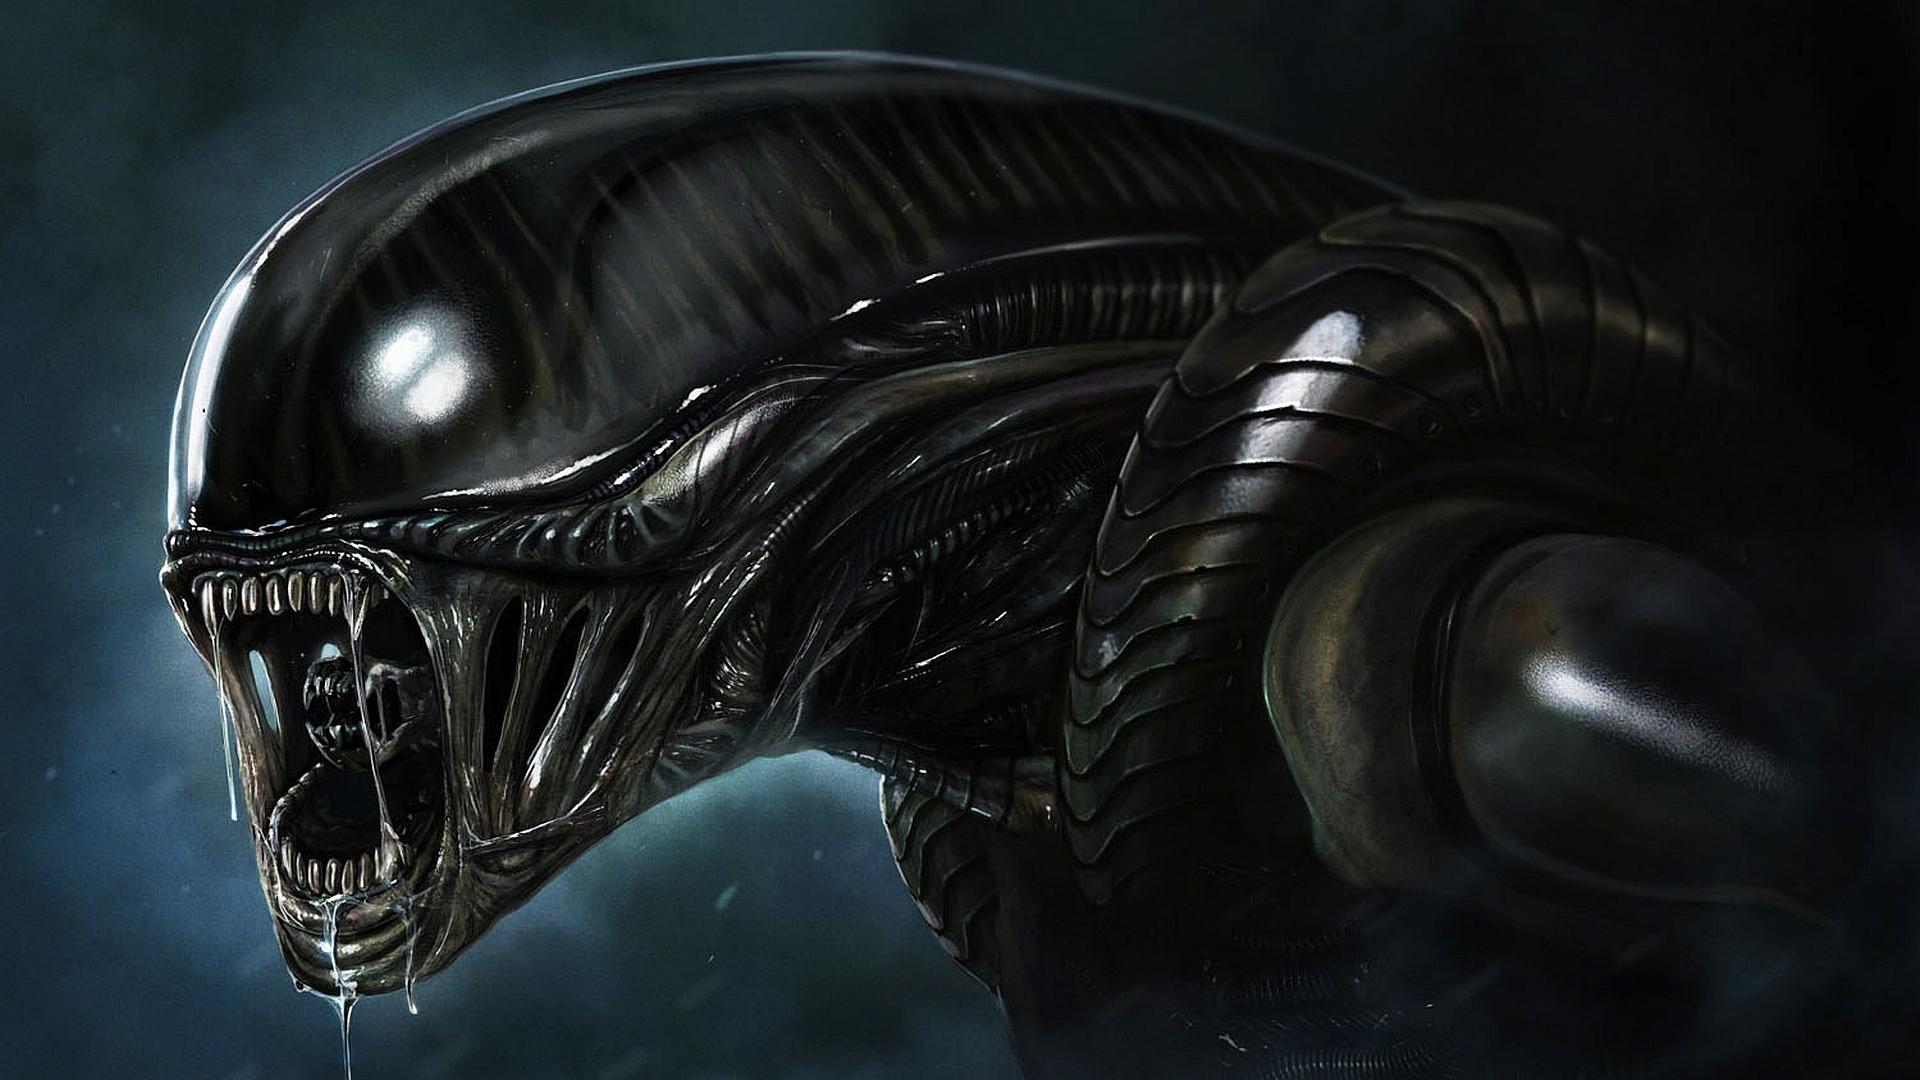 Sci Fi 3d Alien Wallpaper hd cute Wallpapers 1920x1080